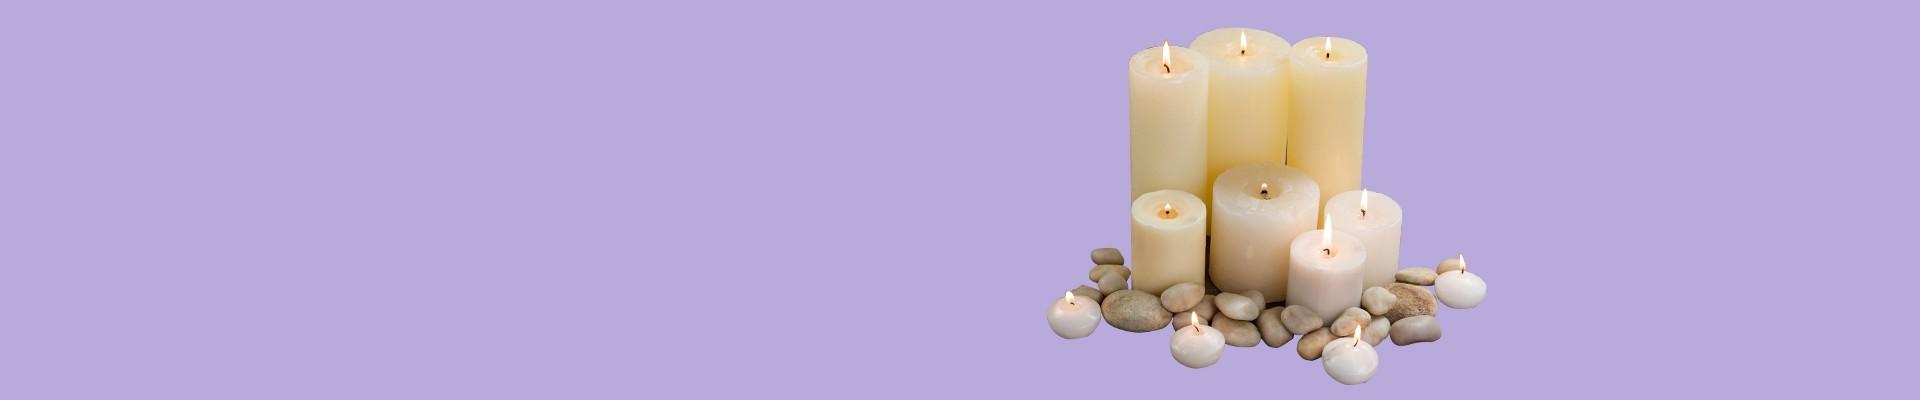 Jual Lilin Meja / Lilin Besar - Harga Grosir